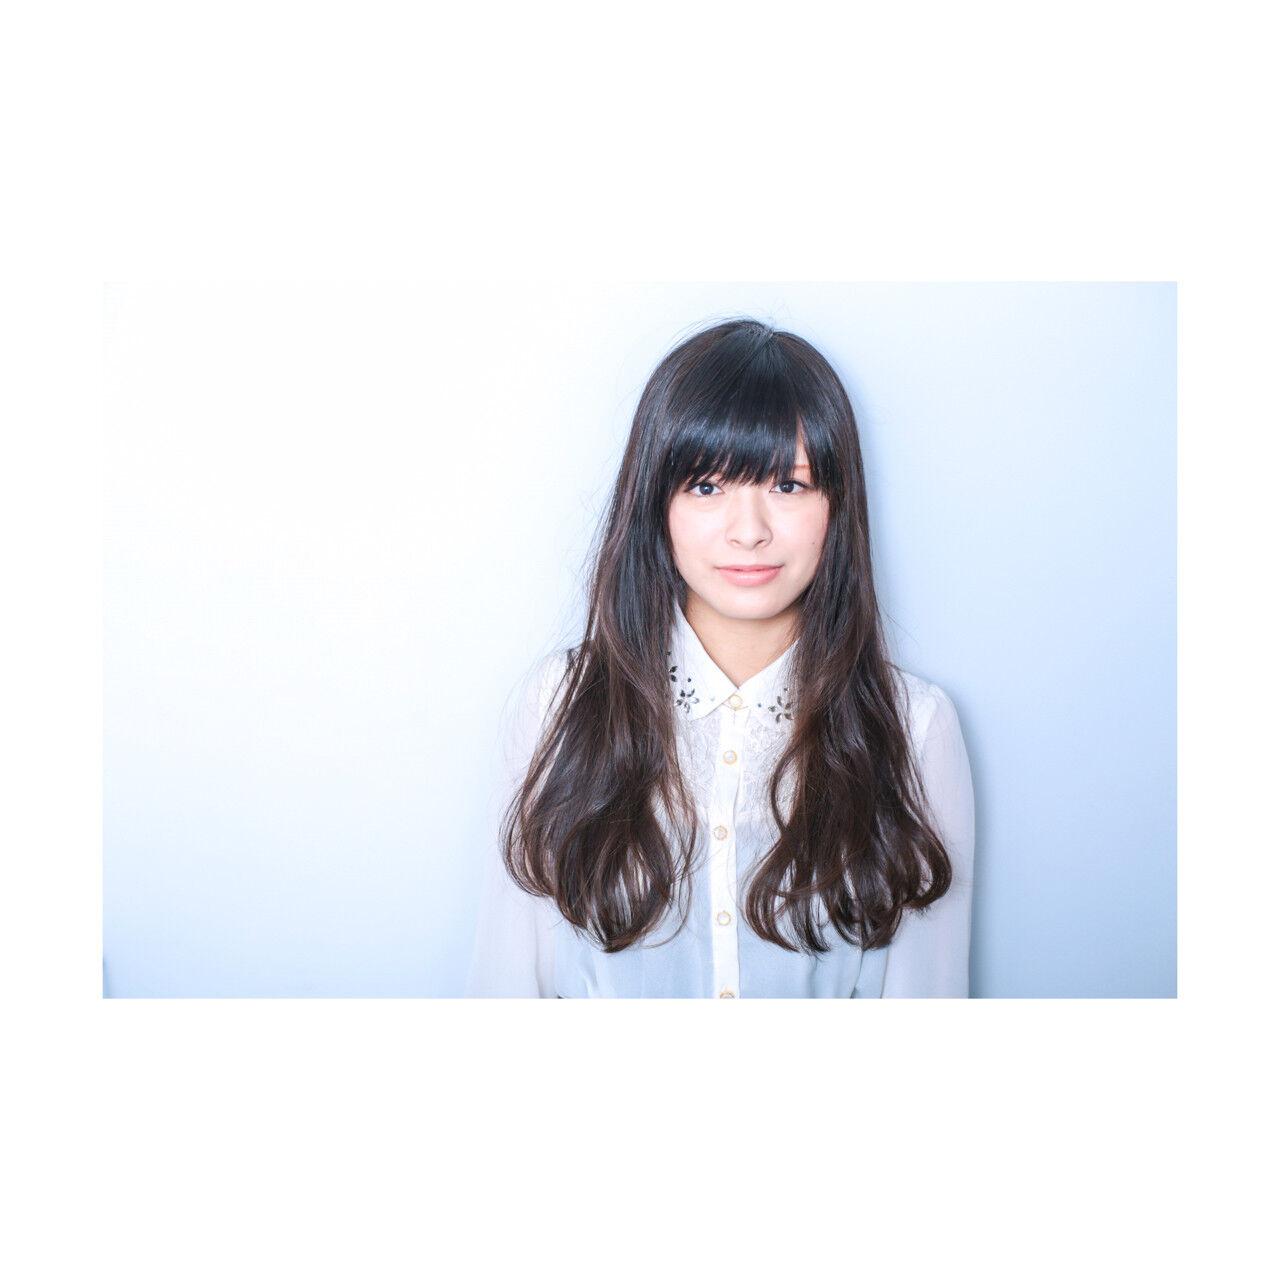 コンサバ 暗髪 黒髪 ロングヘアスタイルや髪型の写真・画像